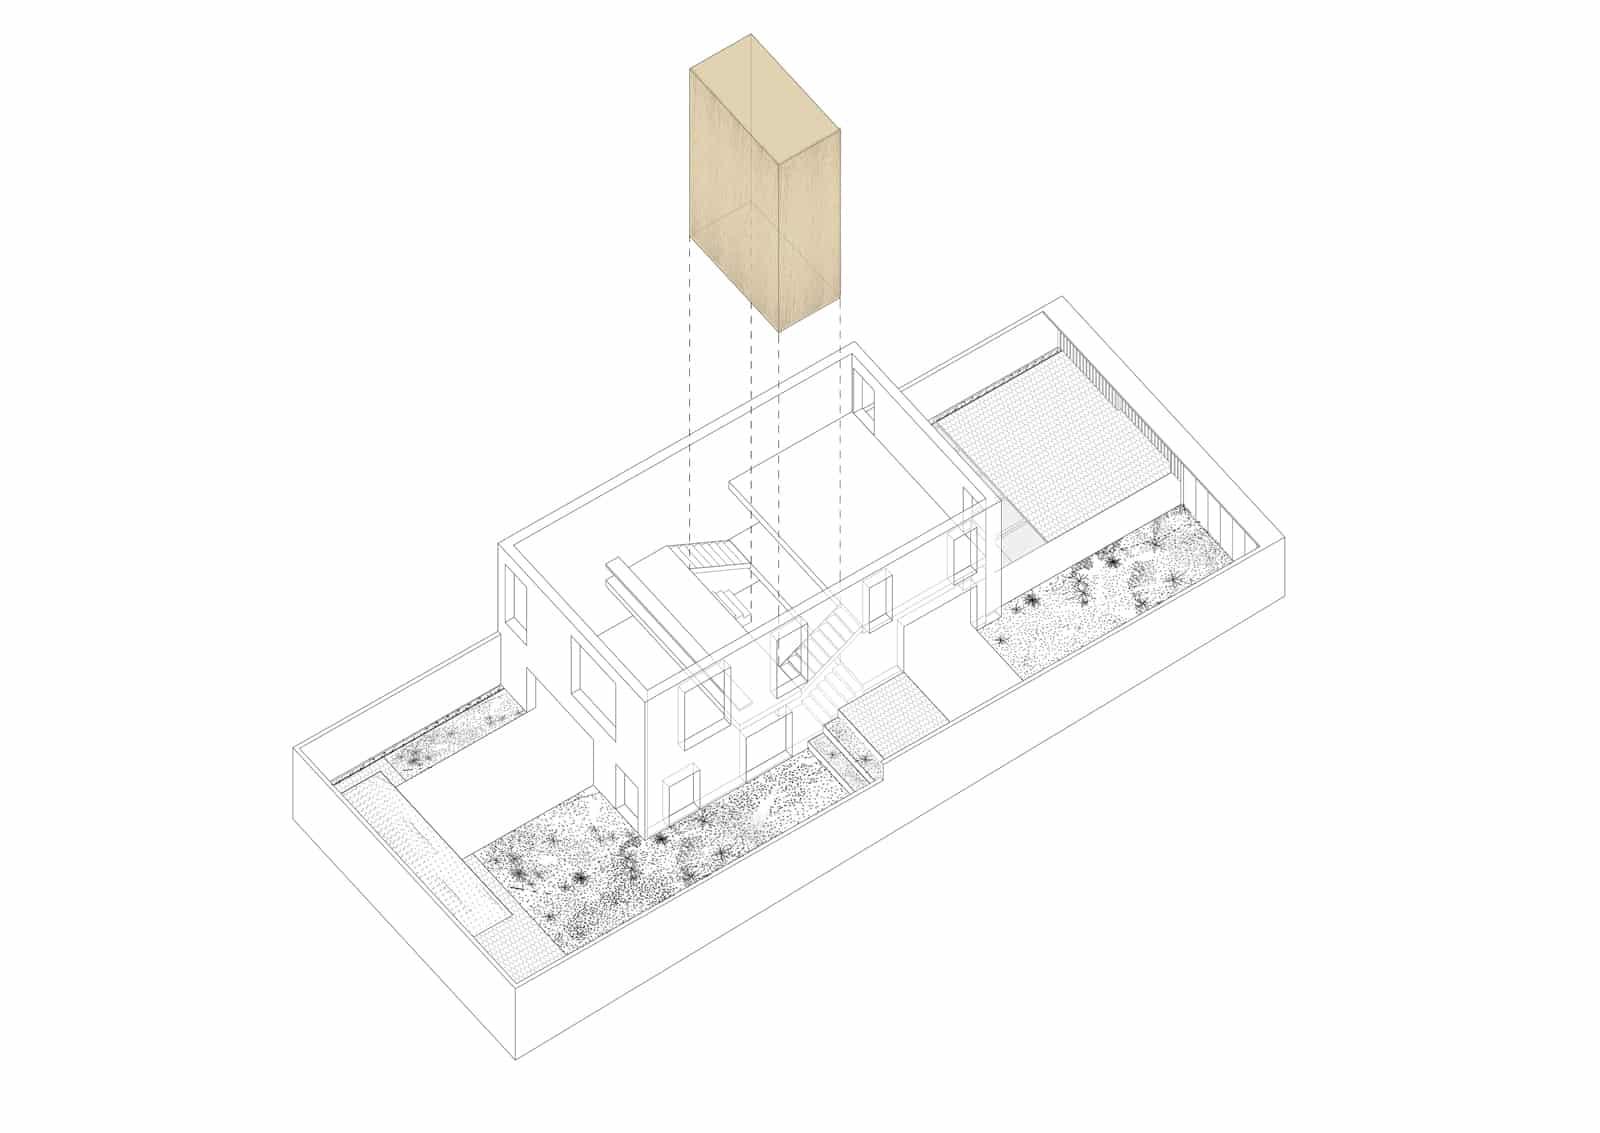 Woodcase House  - 20210907 AyllonParadelaDeAndres Woodcase 11.1 52